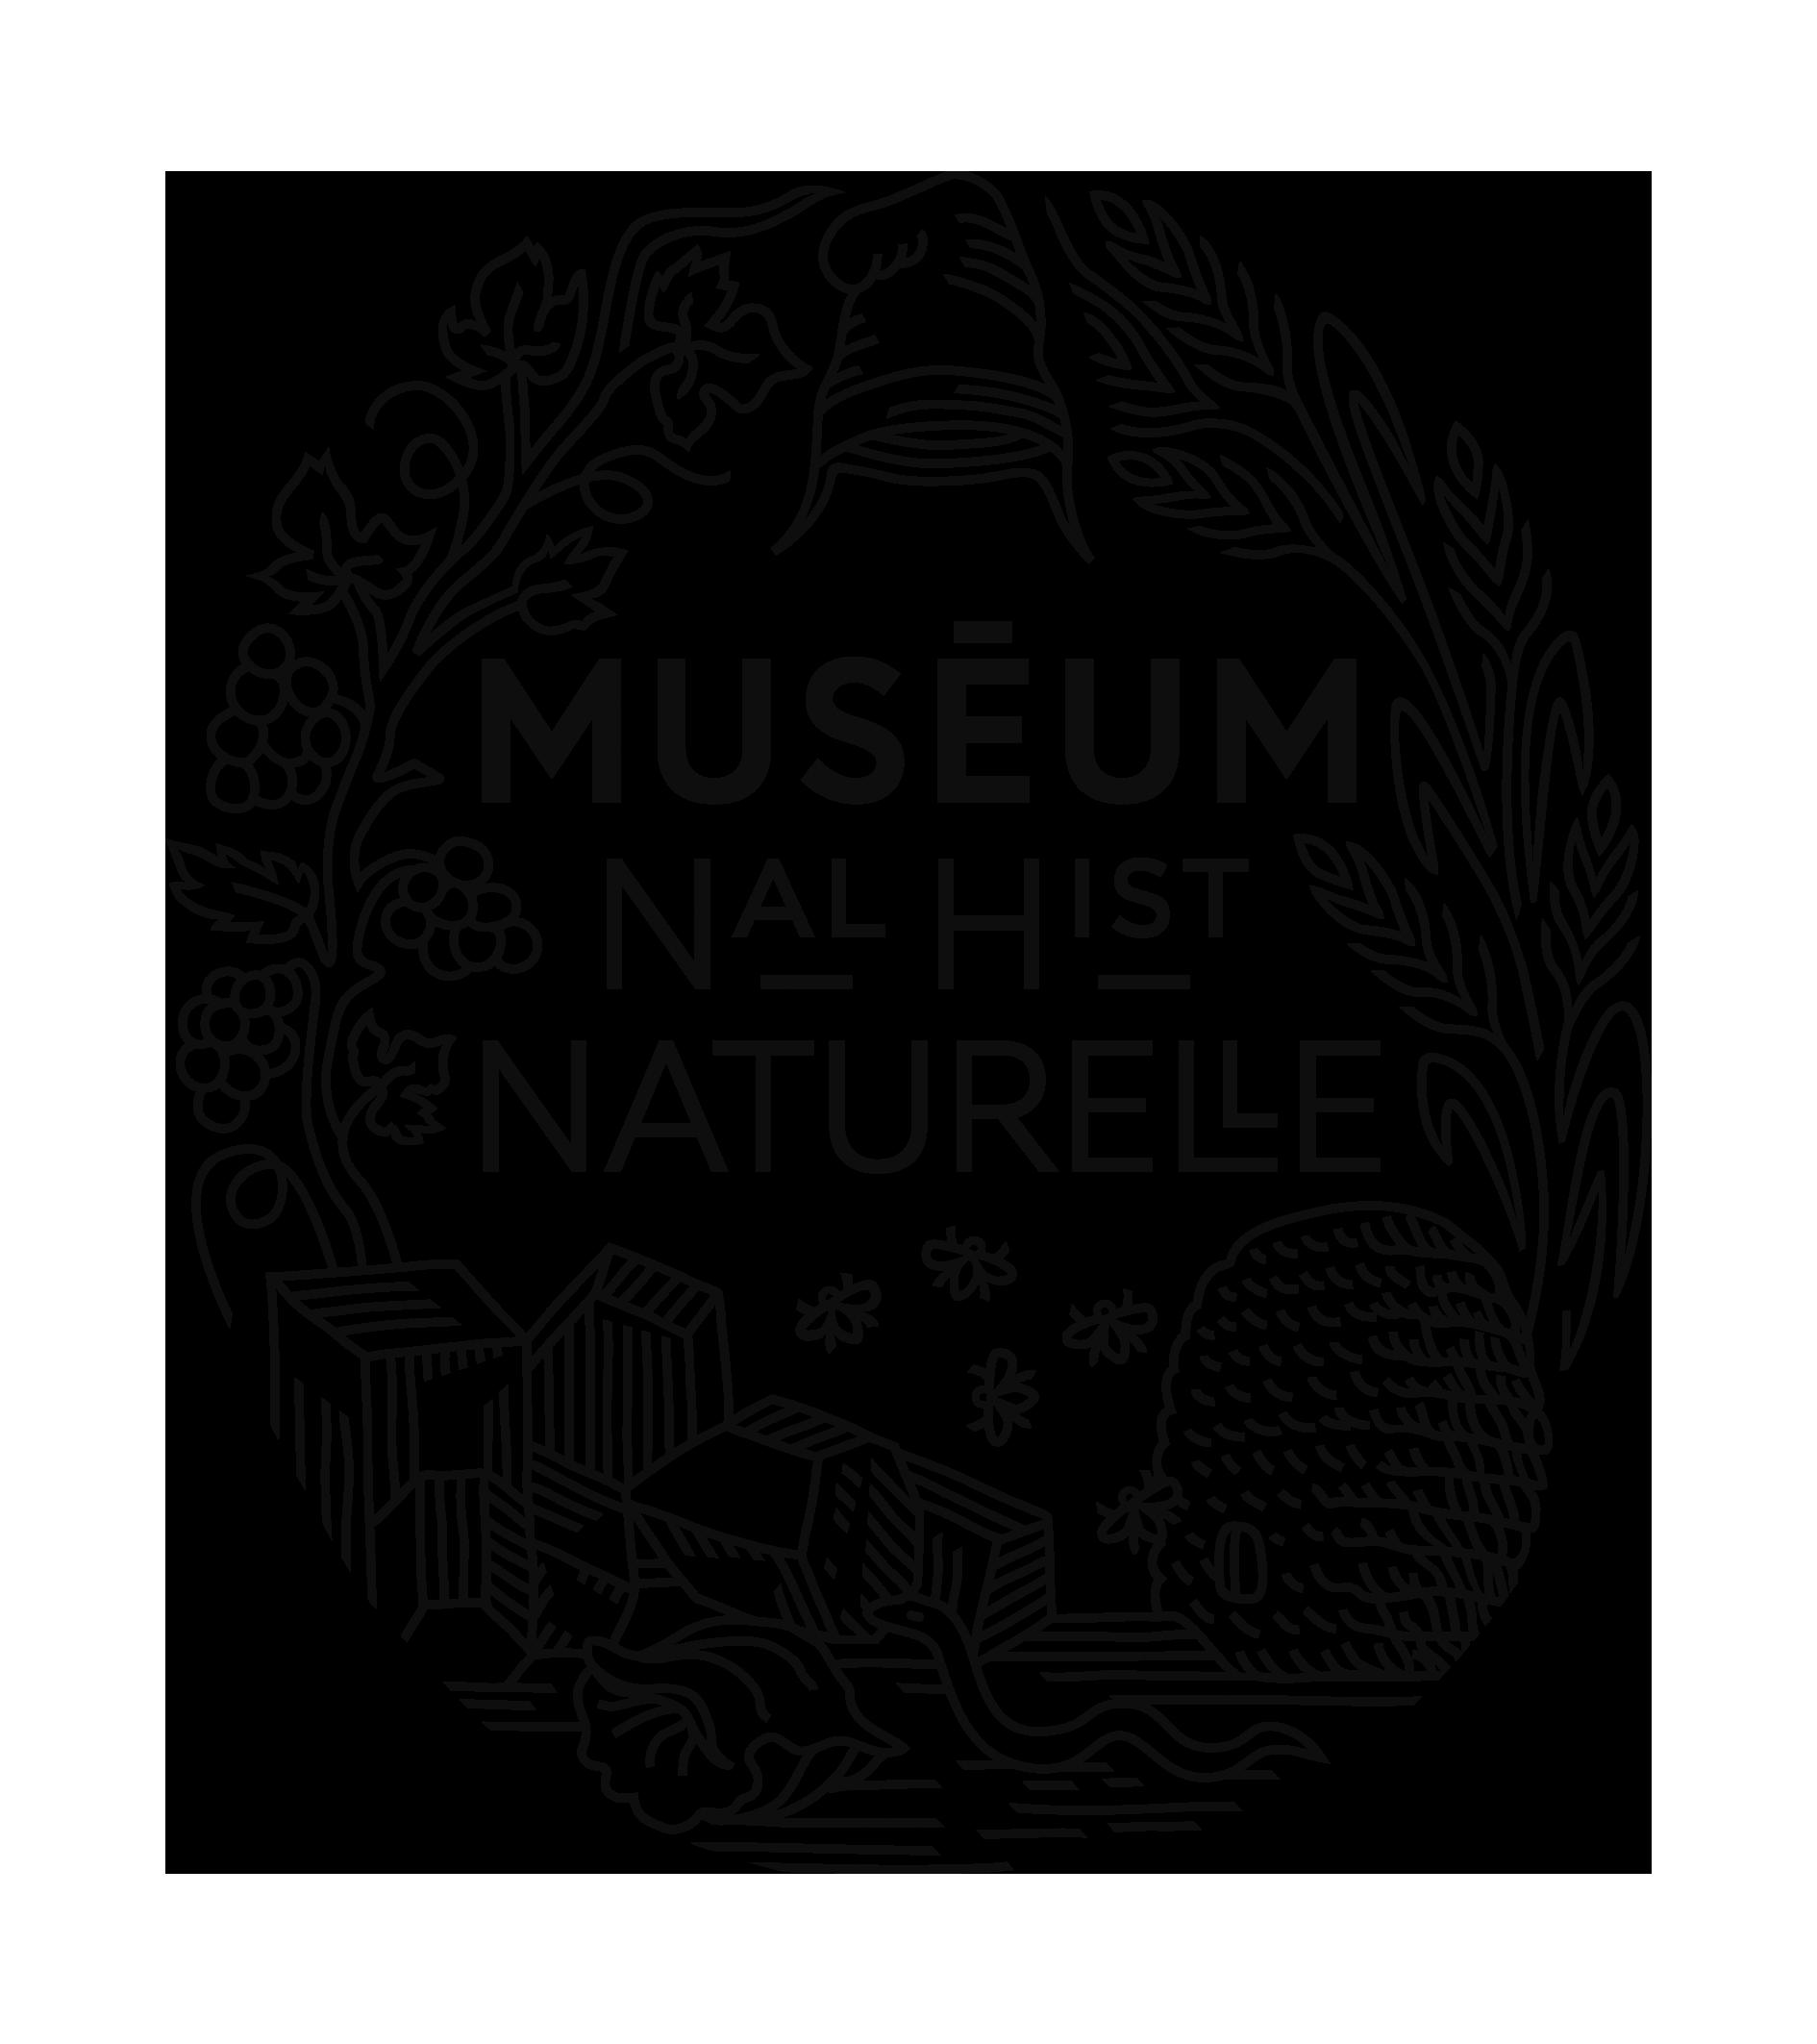 logo du Museum d'histoires naturelles de Paris